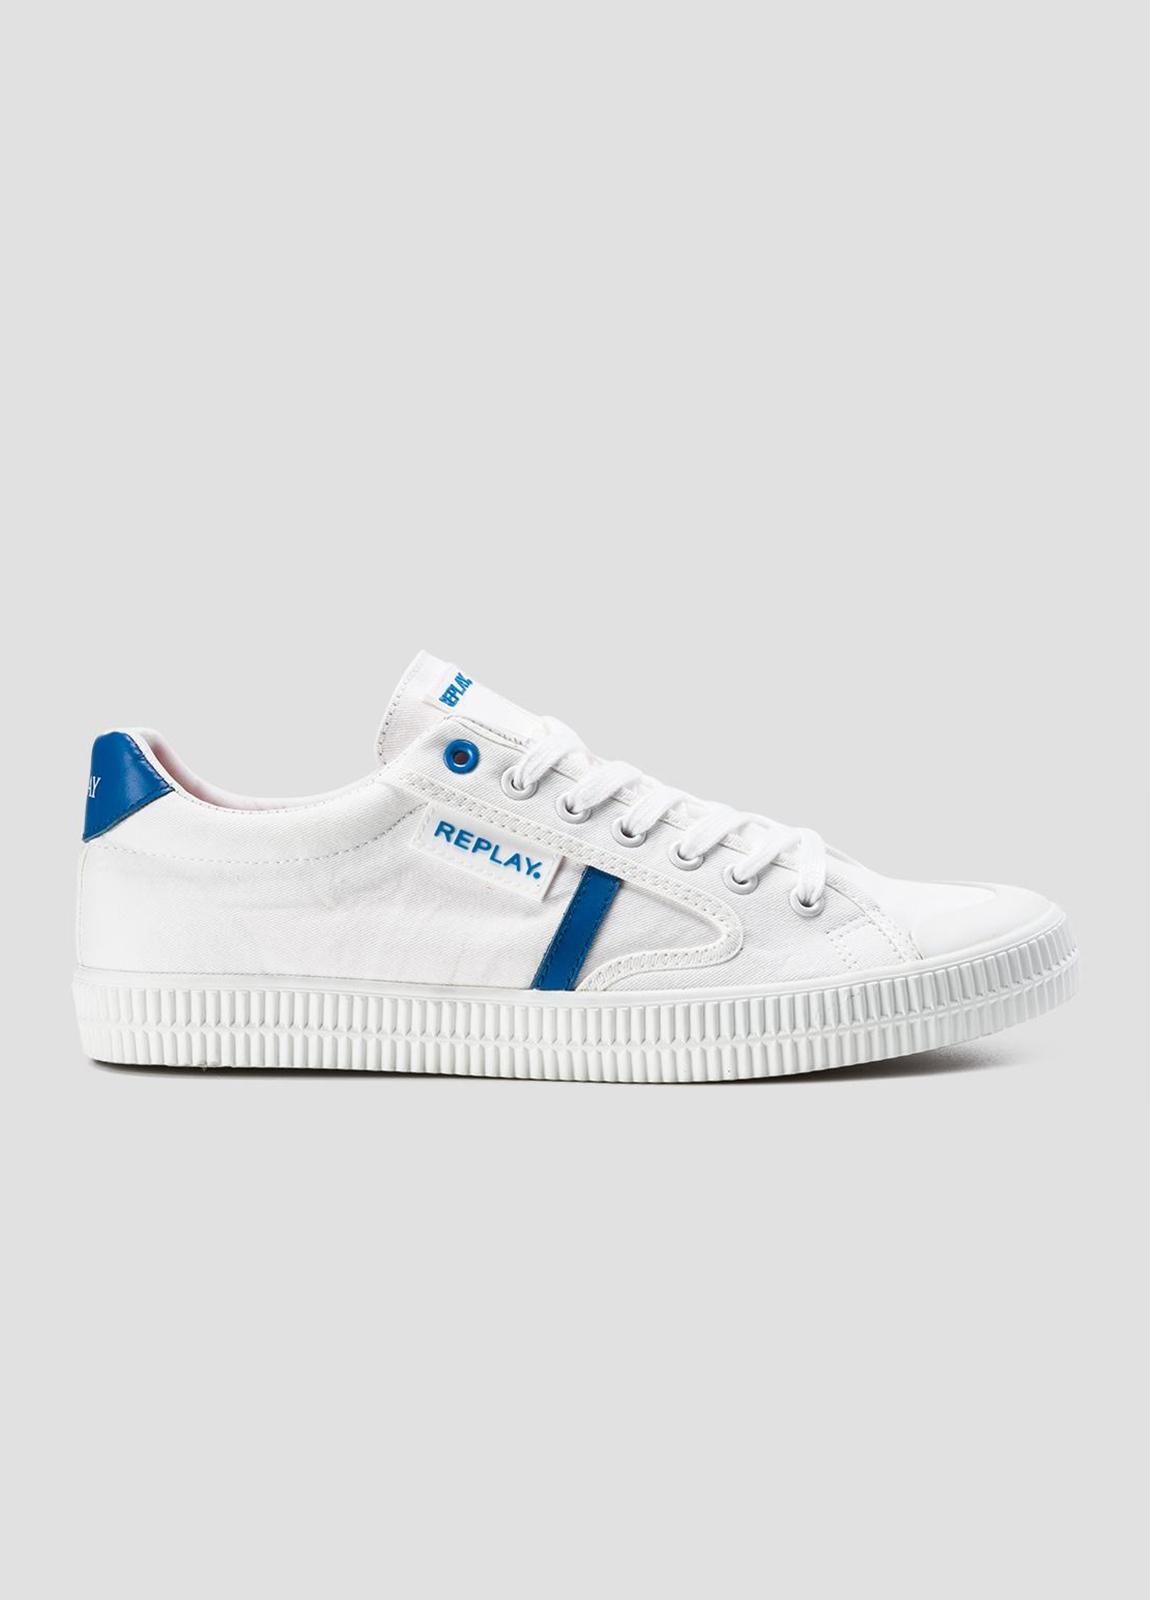 Calzado sport modelo MOSCOW con cordones color blanco con detalle azul. 100% Lona.